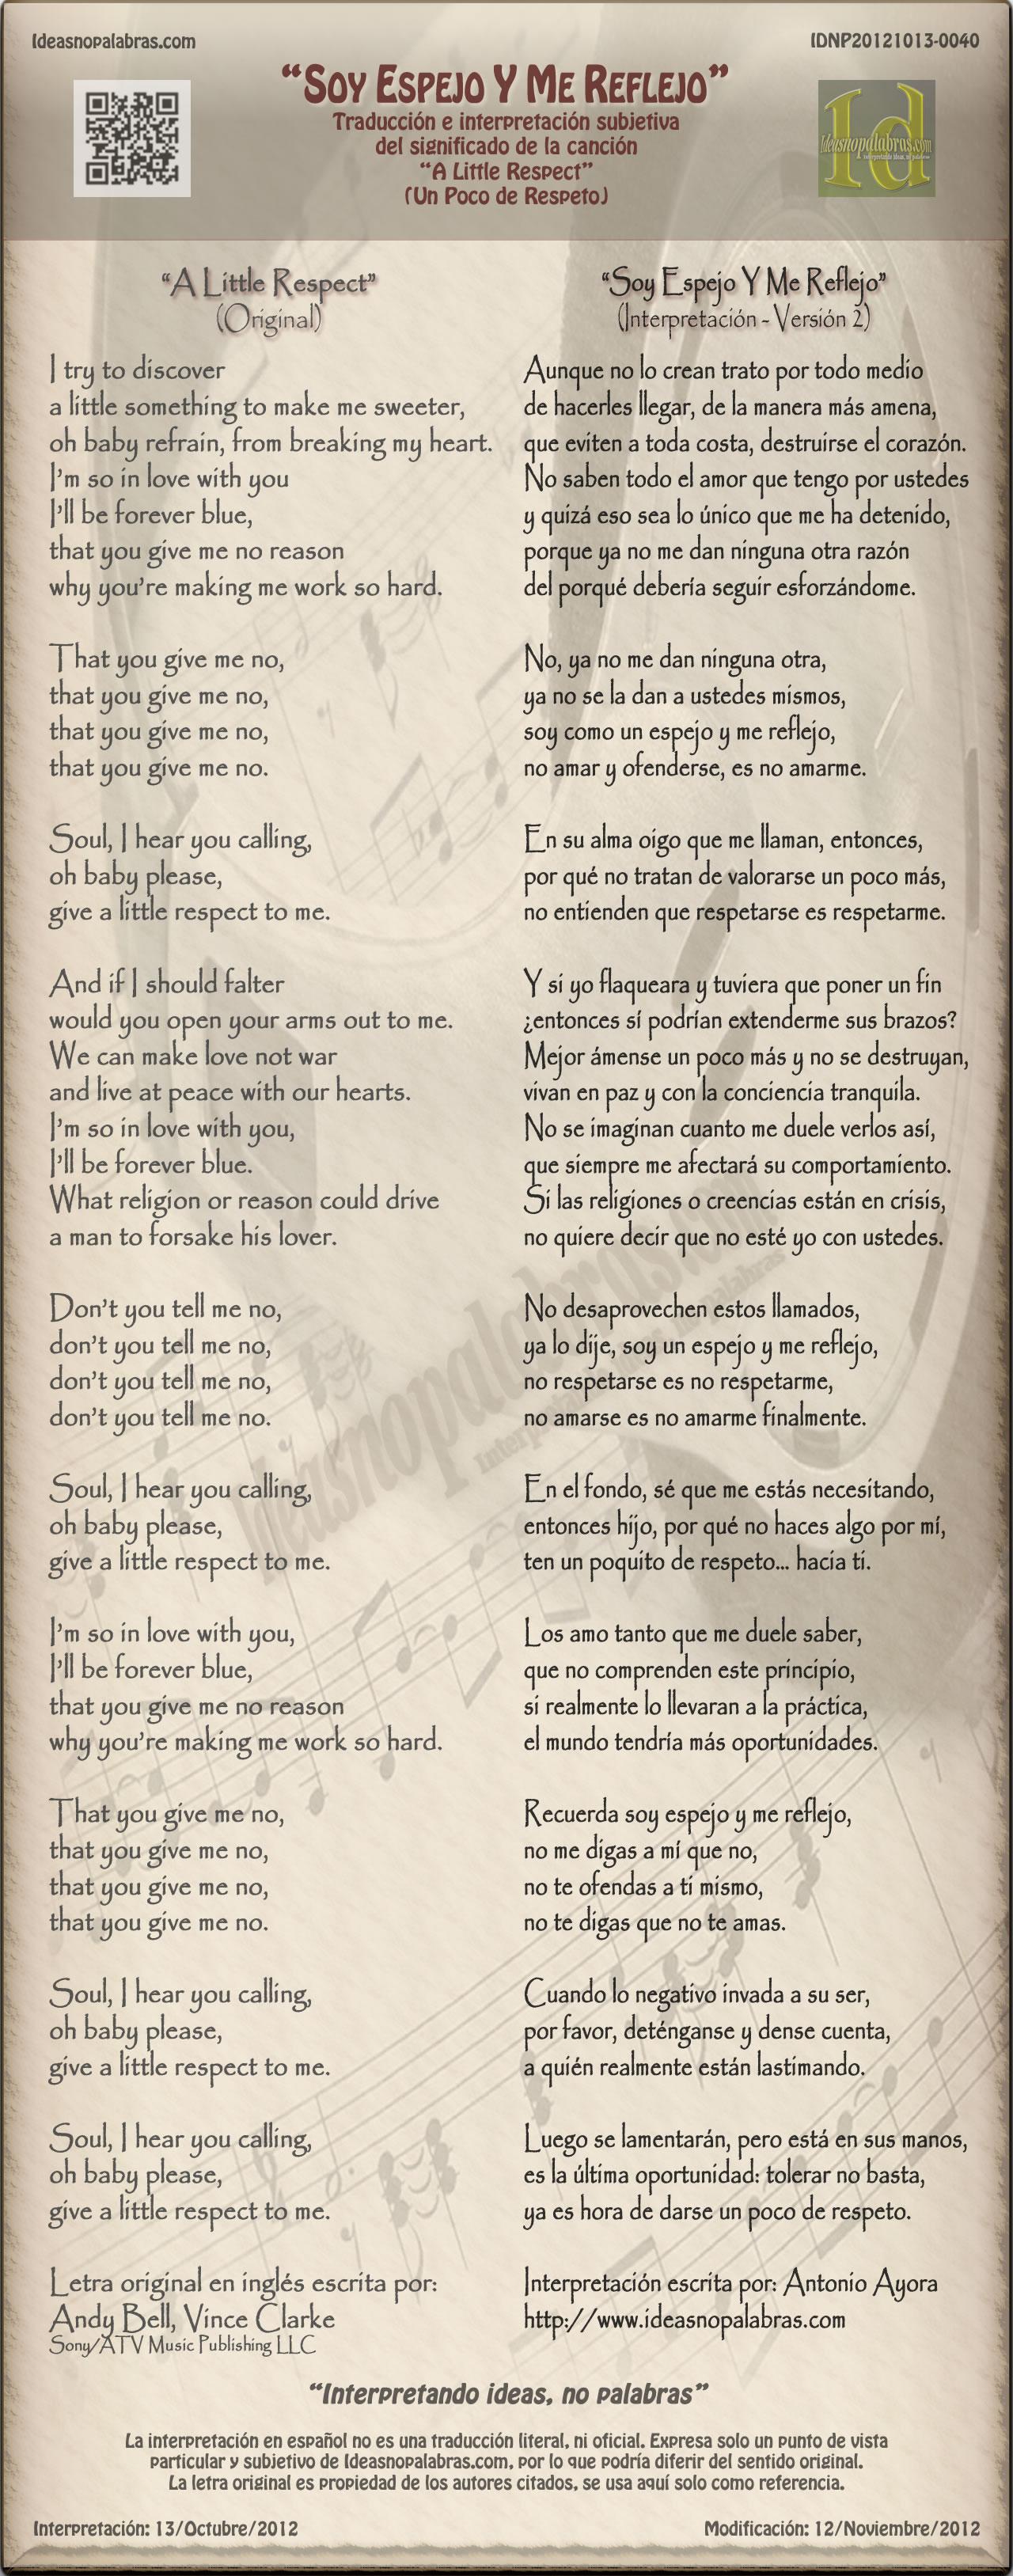 IDNP20121013-0040 Interpretación Soy Espejo y Me Reflejo A Little Respect